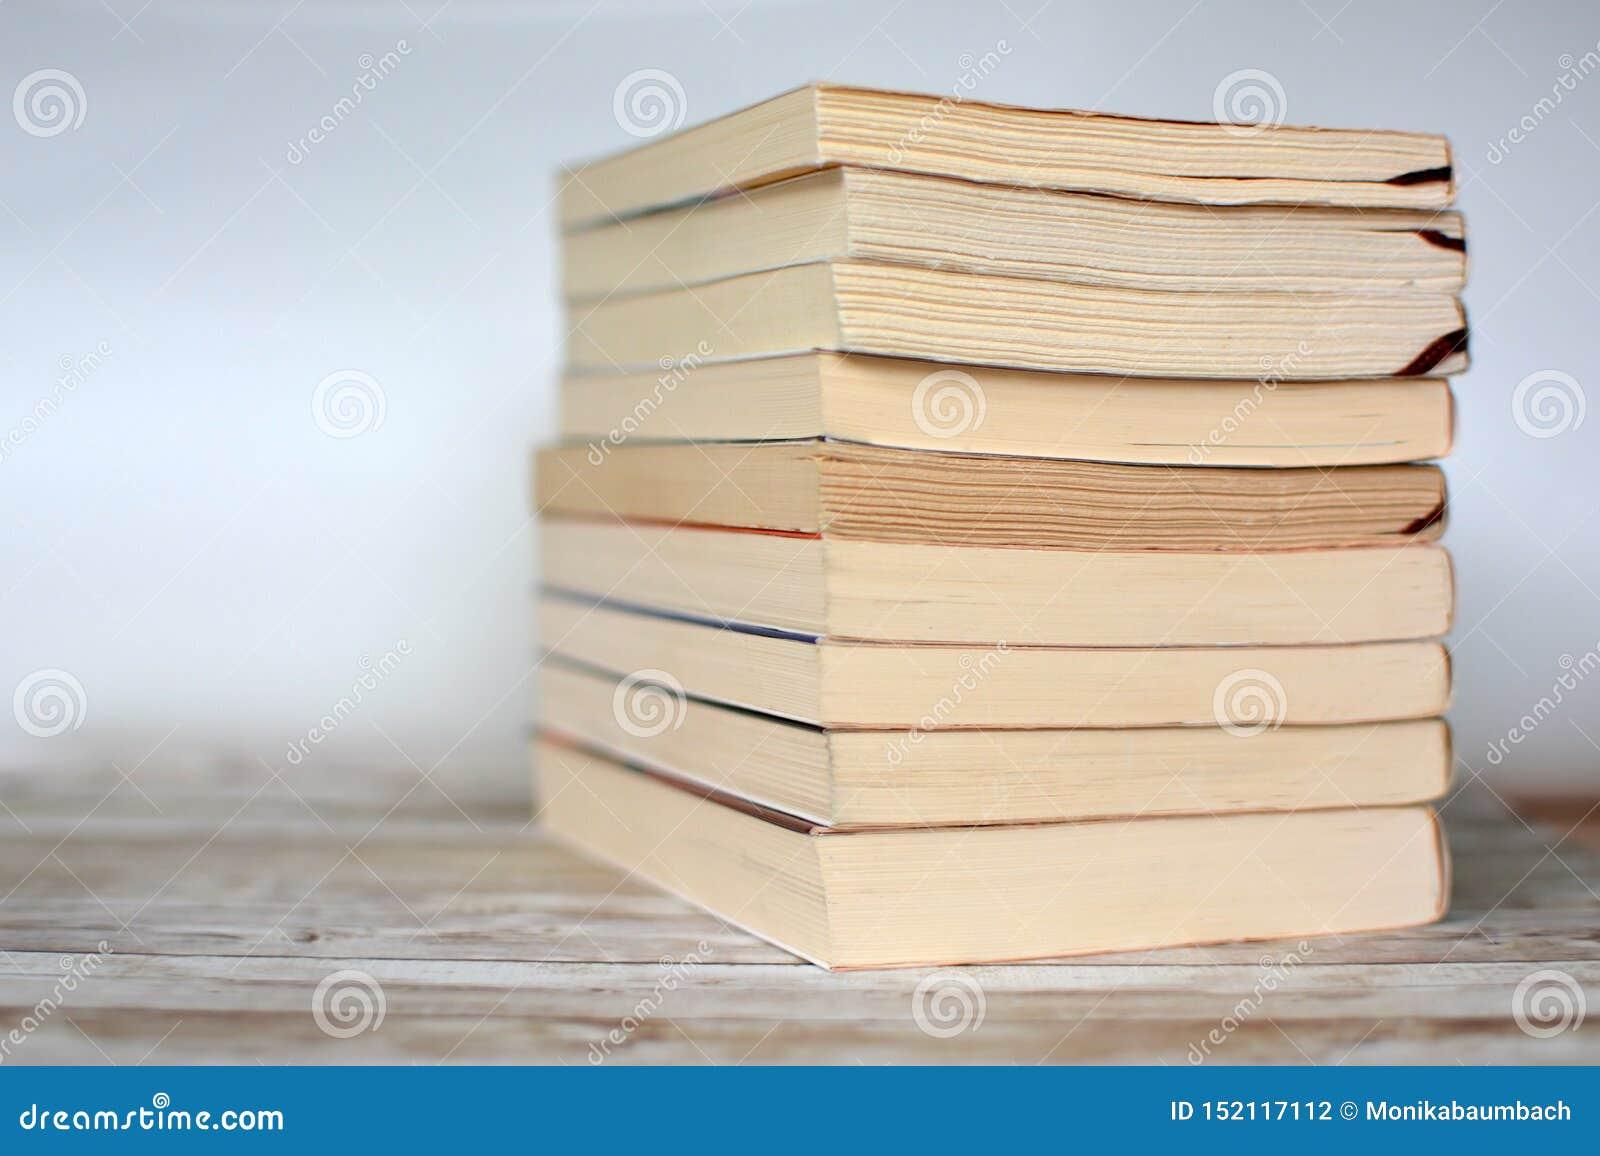 Pila de libros de bolsillo usados viejos amarilleados en el escritorio de madera y el fondo azul claro